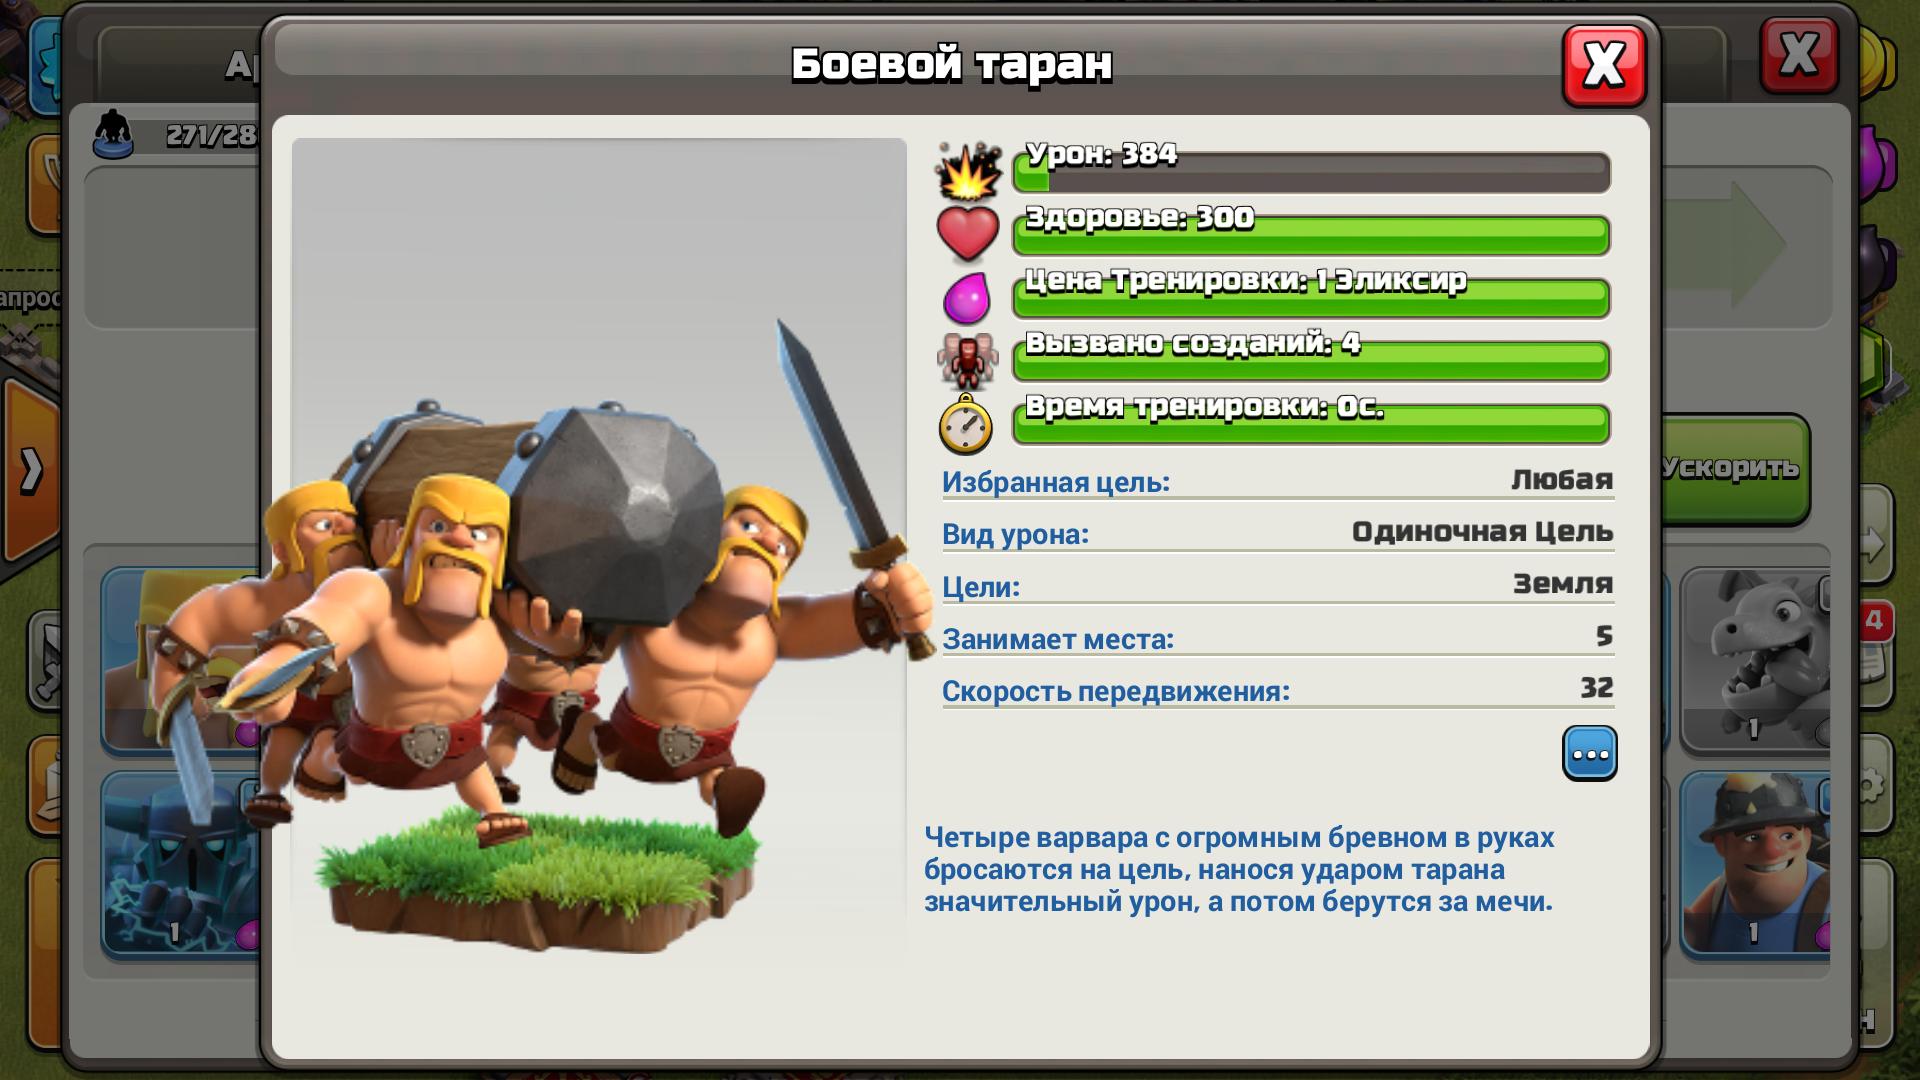 Боевой Таран - Clash of Clans